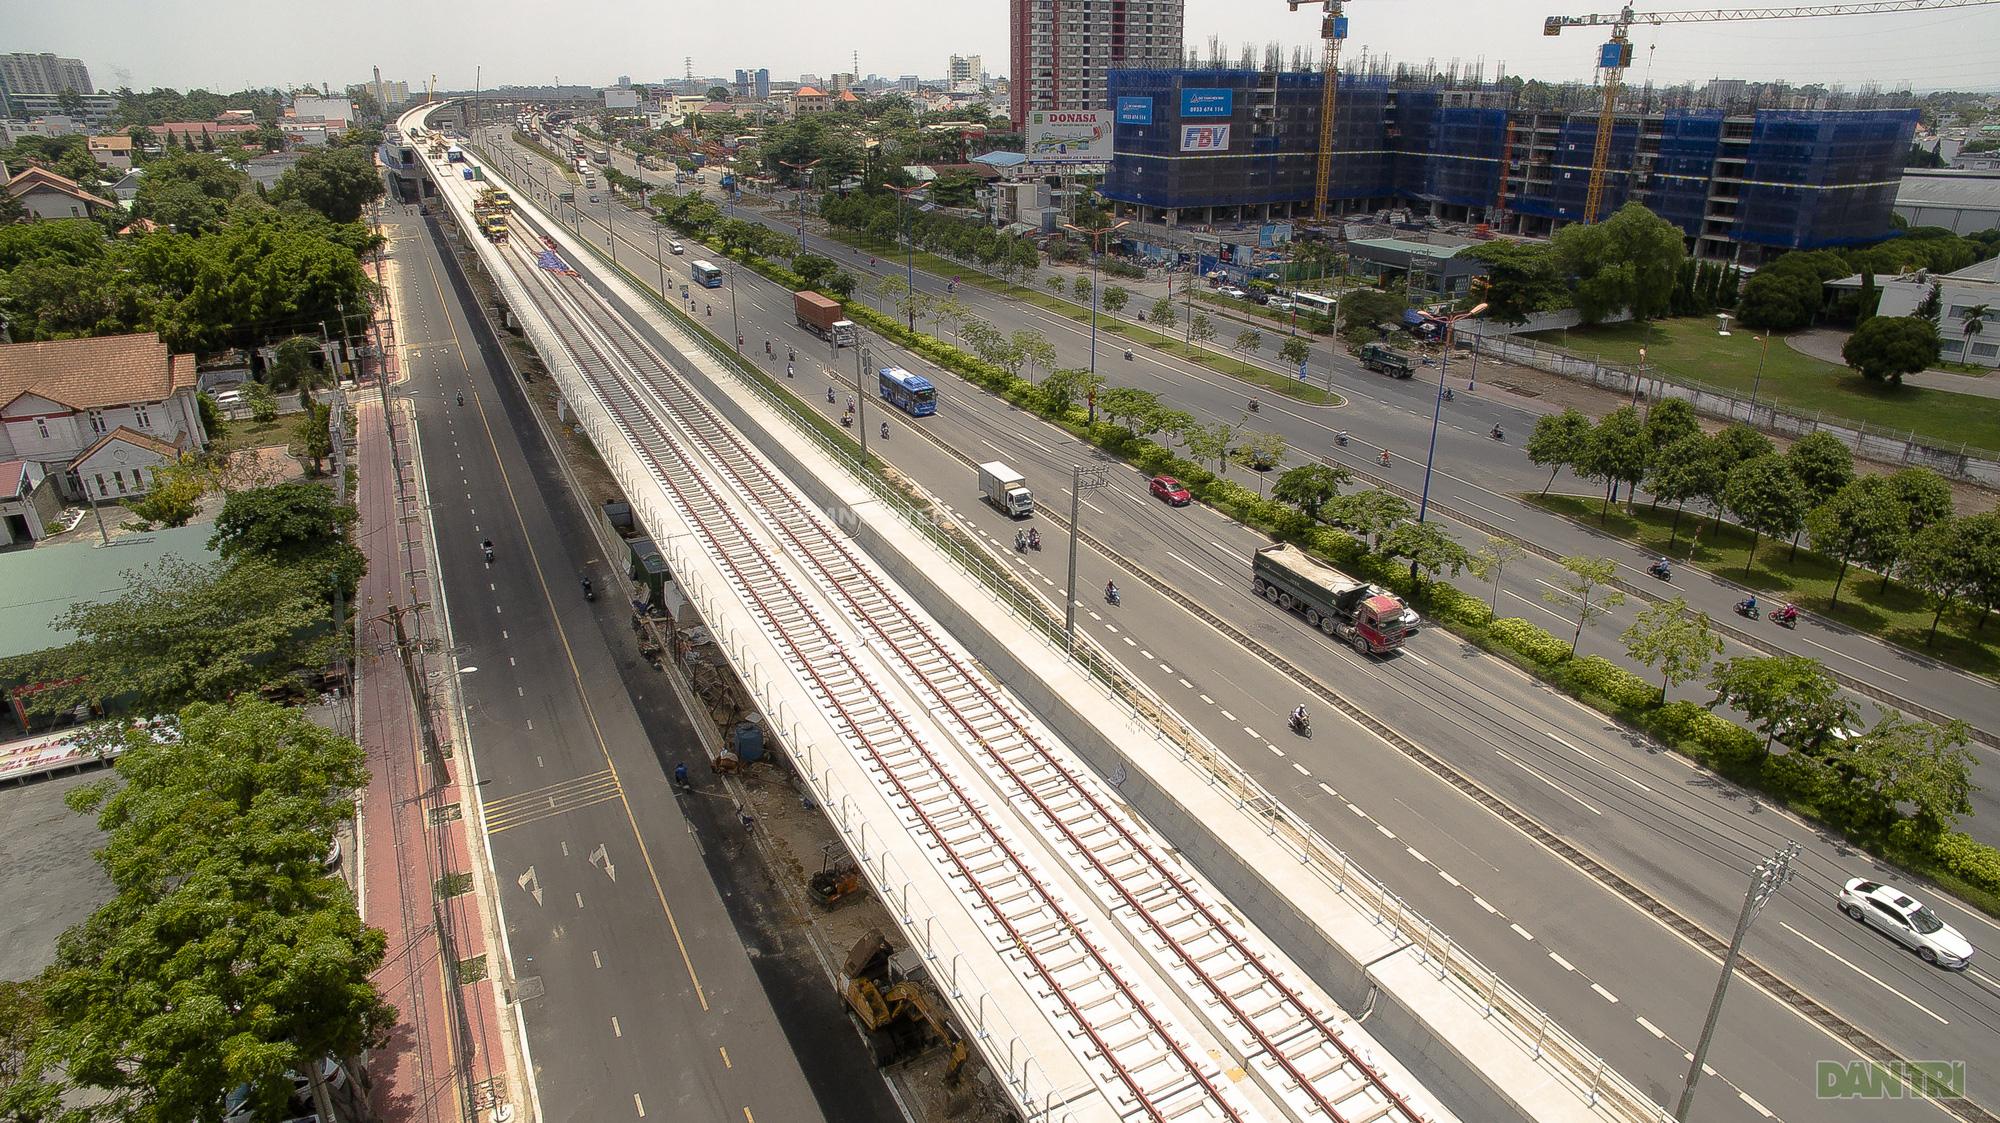 14 năm đưa tuyến Metro Bến Thành - Suối Tiên 'về đích' - Ảnh 2.